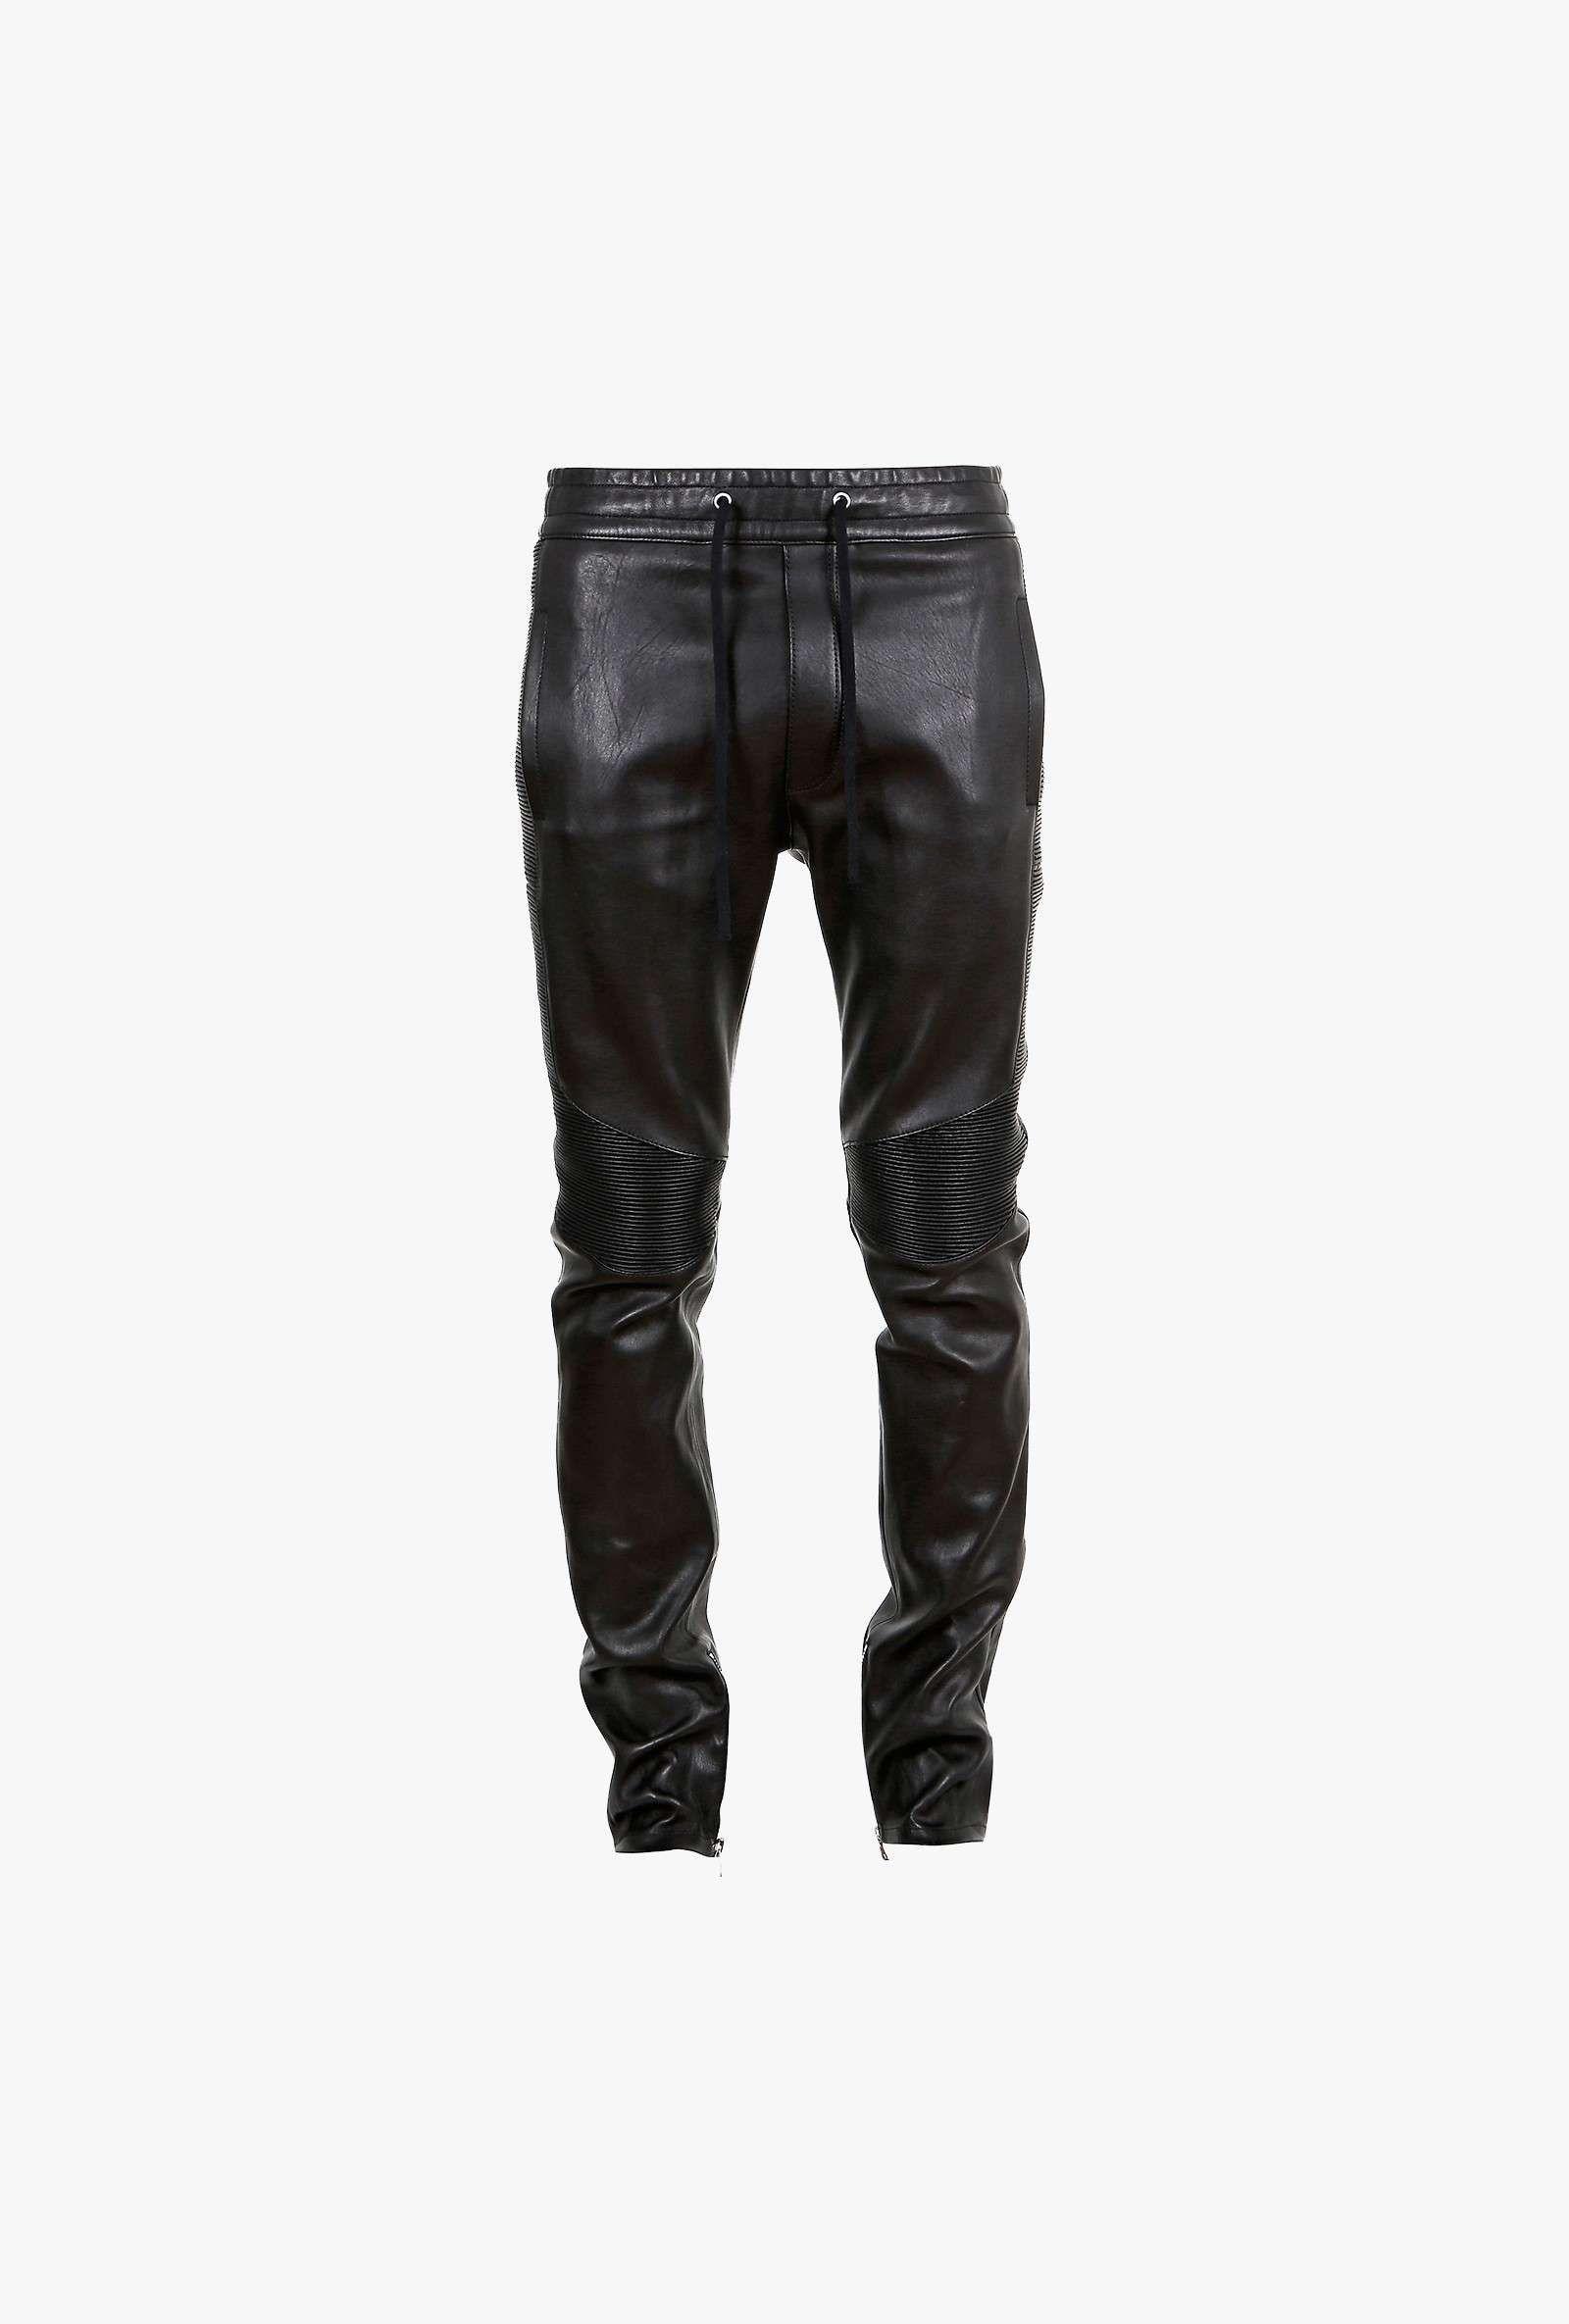 e6d85b436ec6bc Balmain - Pantalon de survêtement en cuir stretch style motard - pantalons  de jogging en cuir homme